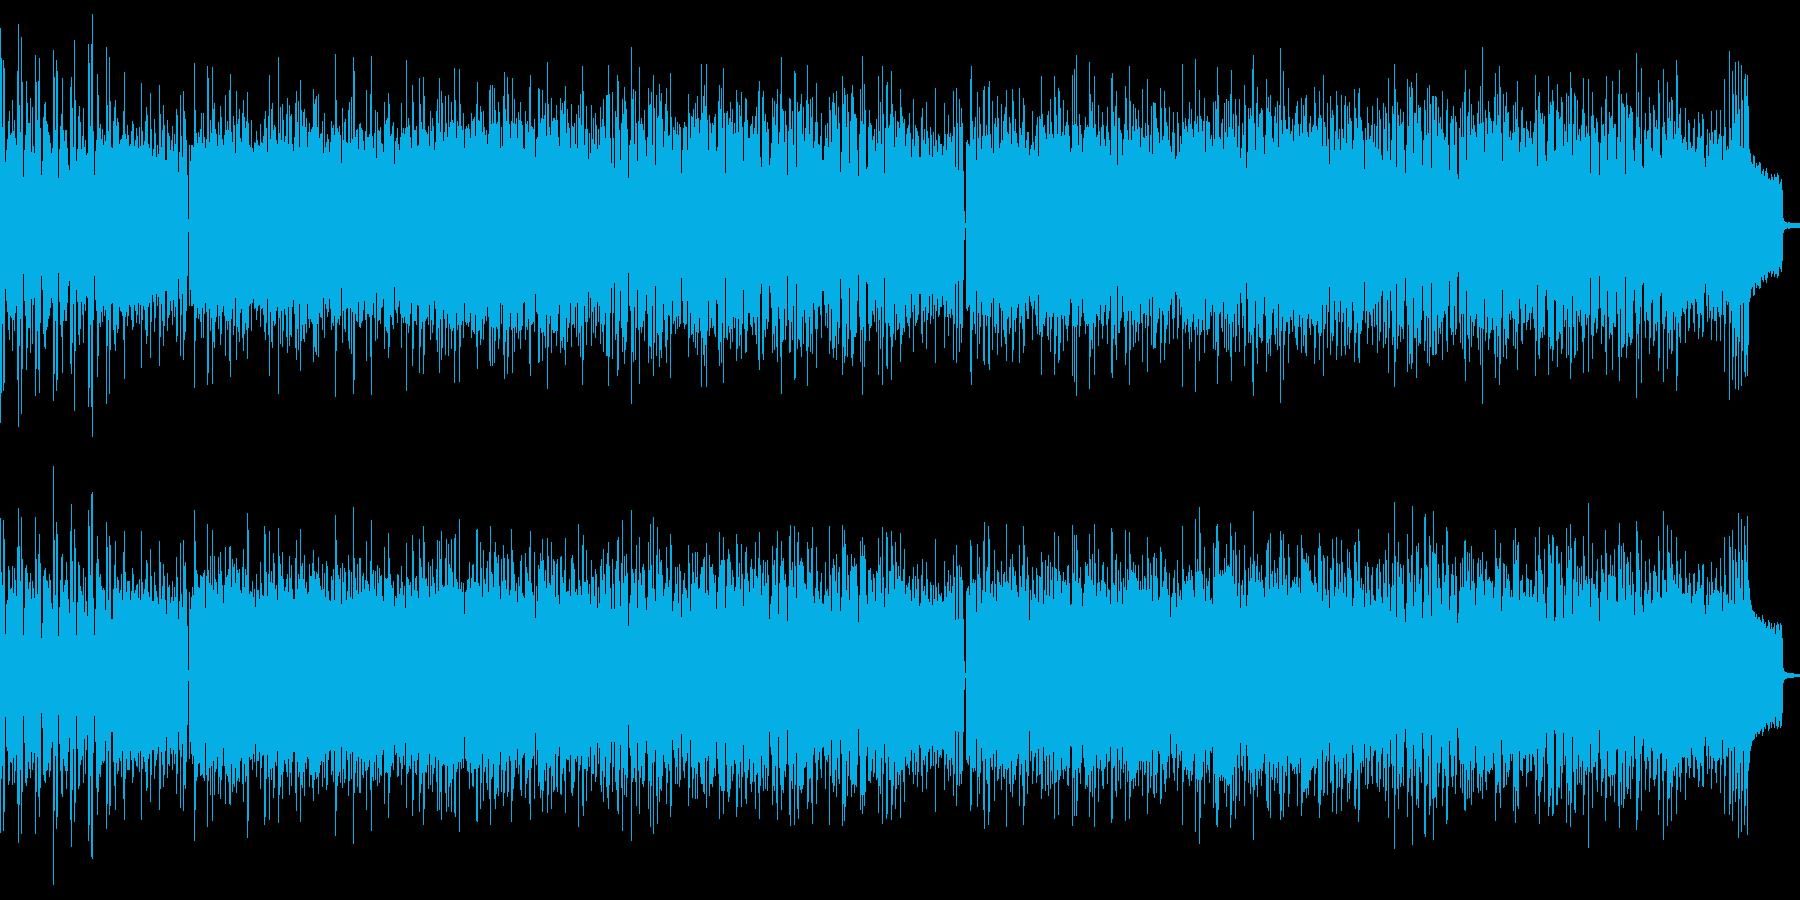 会話のBGM用です。会話の邪魔にならな…の再生済みの波形